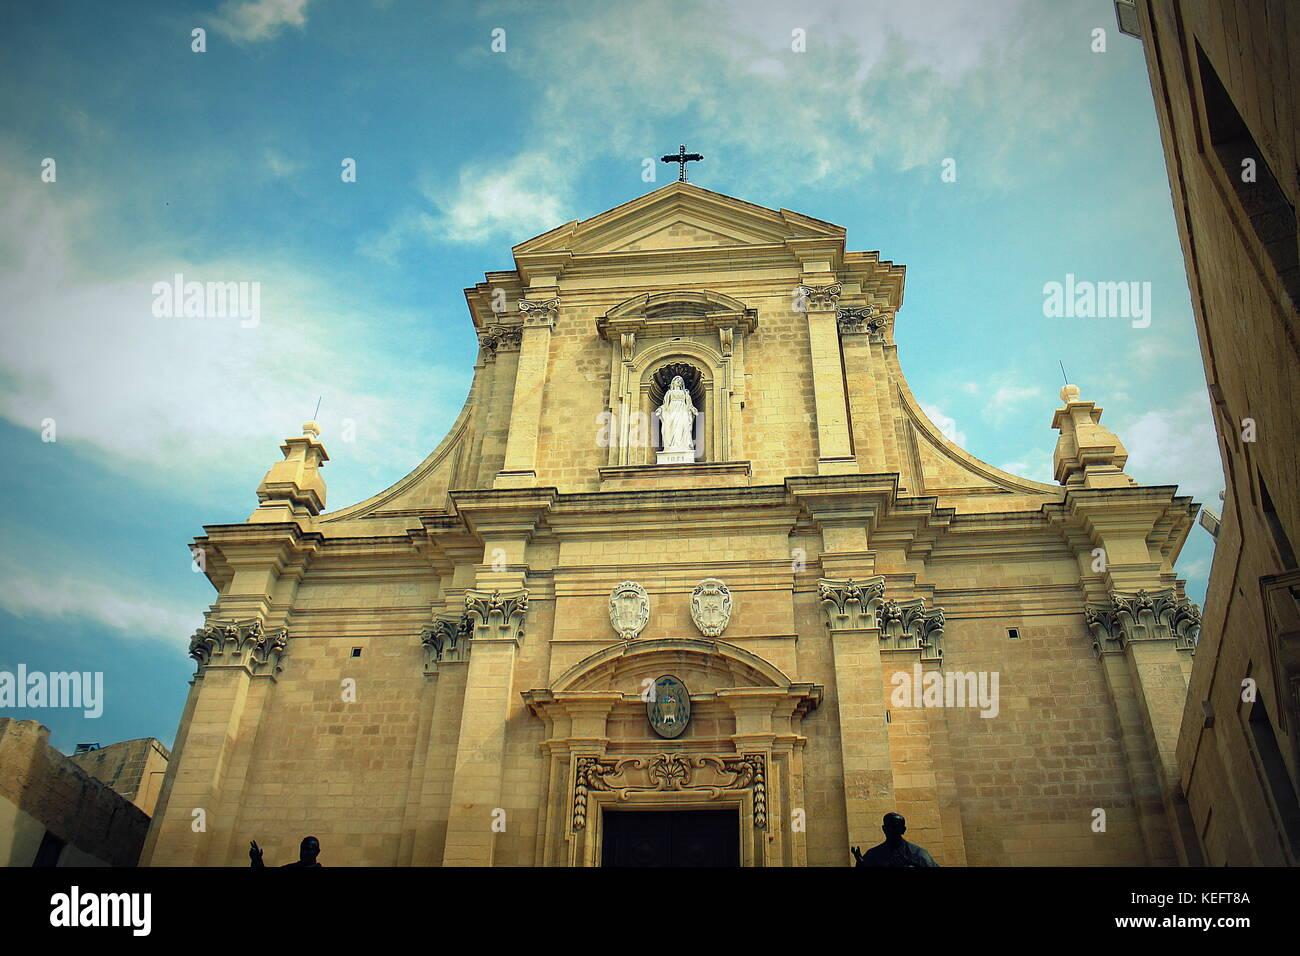 Die Gozo Kathedrale im Inneren der Zitadelle von Victoria oder Rabat-Victoria, Gozo, Malta Stockbild